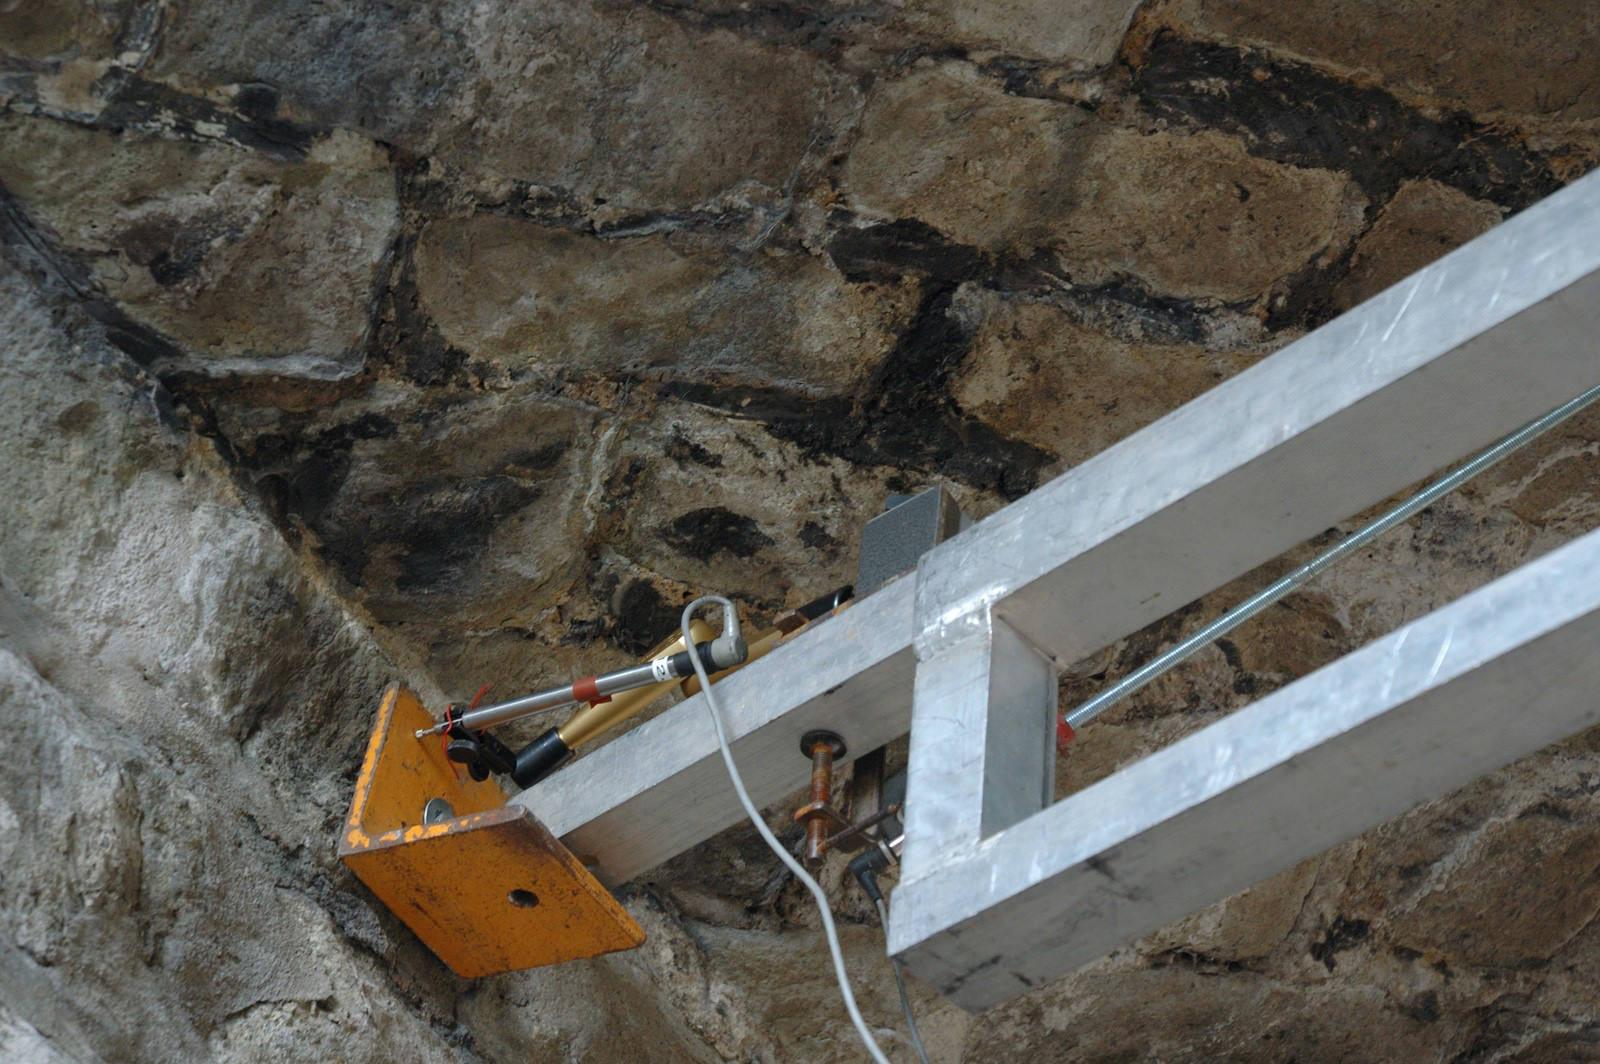 Messtechnik zur Messung der Horizontalverschiebung beim Belastungsversuch